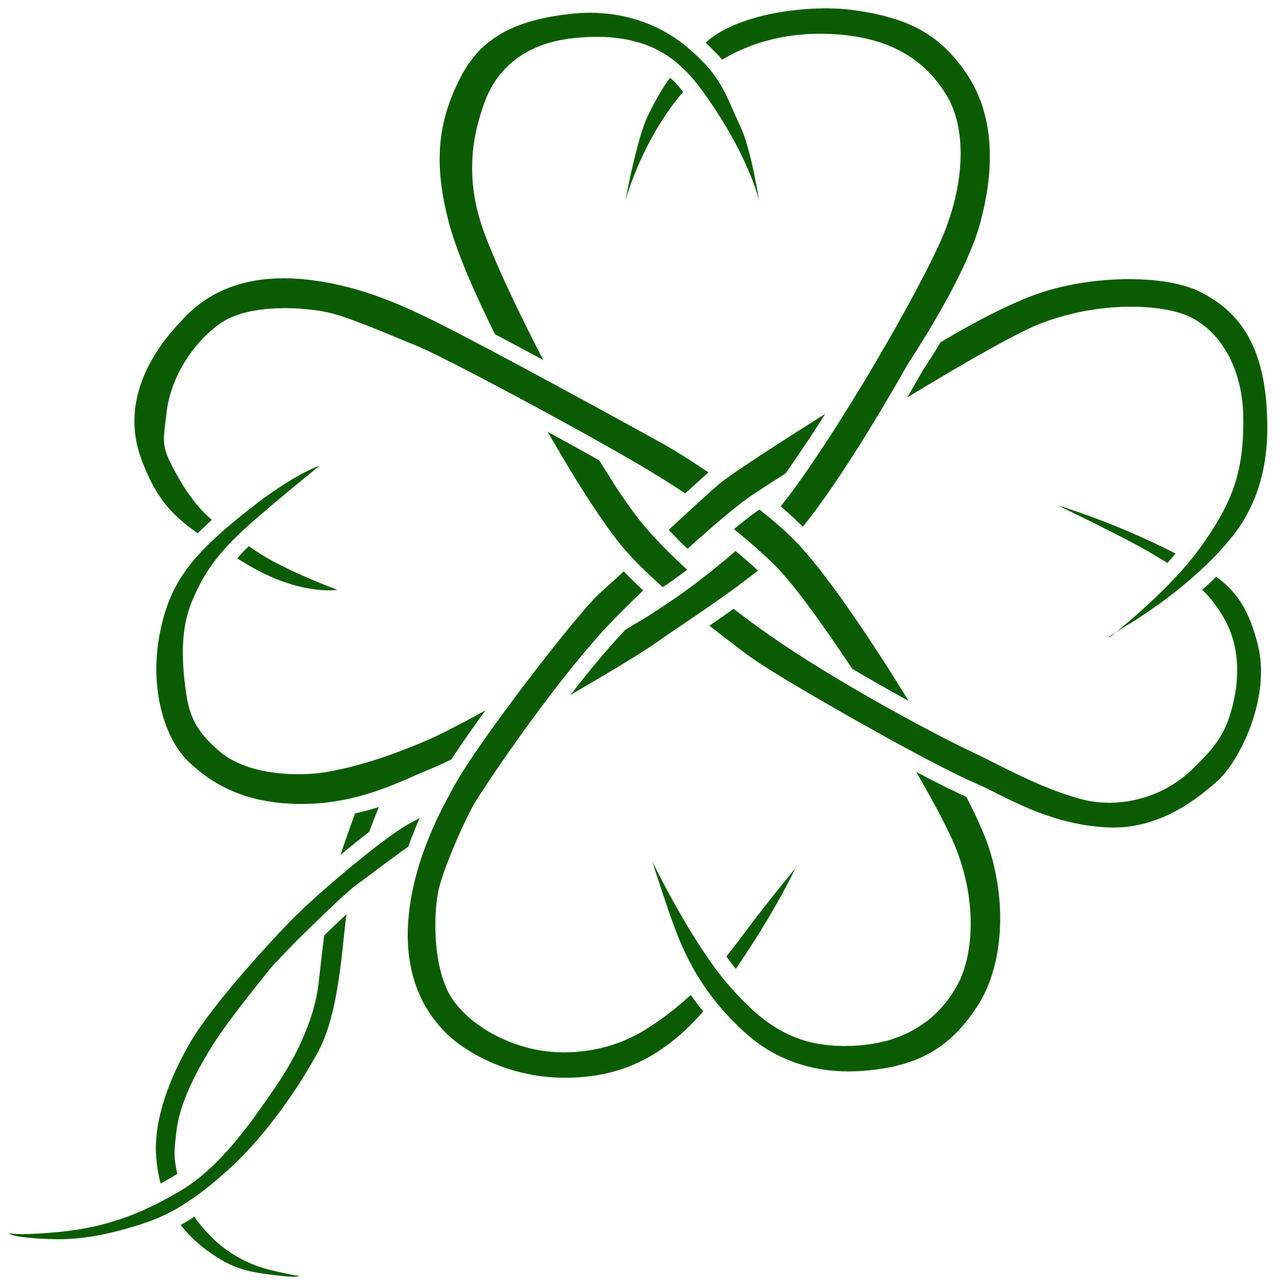 Celtic clover tatto design by seanroche on DeviantArt